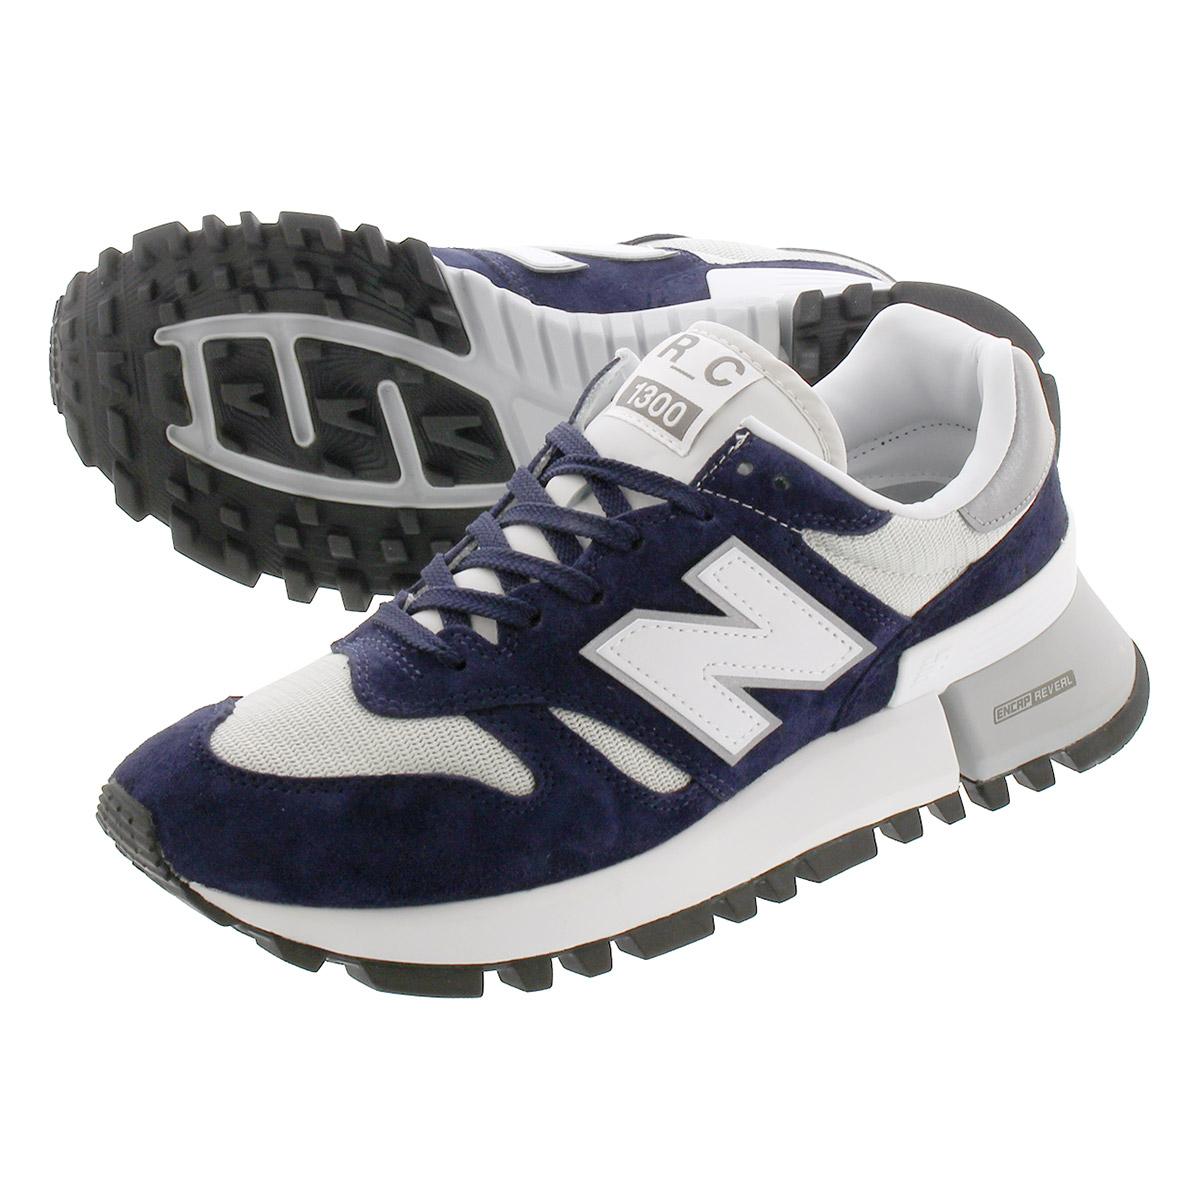 送料無料 NEW BALANCE ニューバランス メンズ 靴 スニーカー 定価の67%OFF MS1300 ピグメント PIGMENT MS1300TC ネイビー ms1300tc TC SEAL限定商品